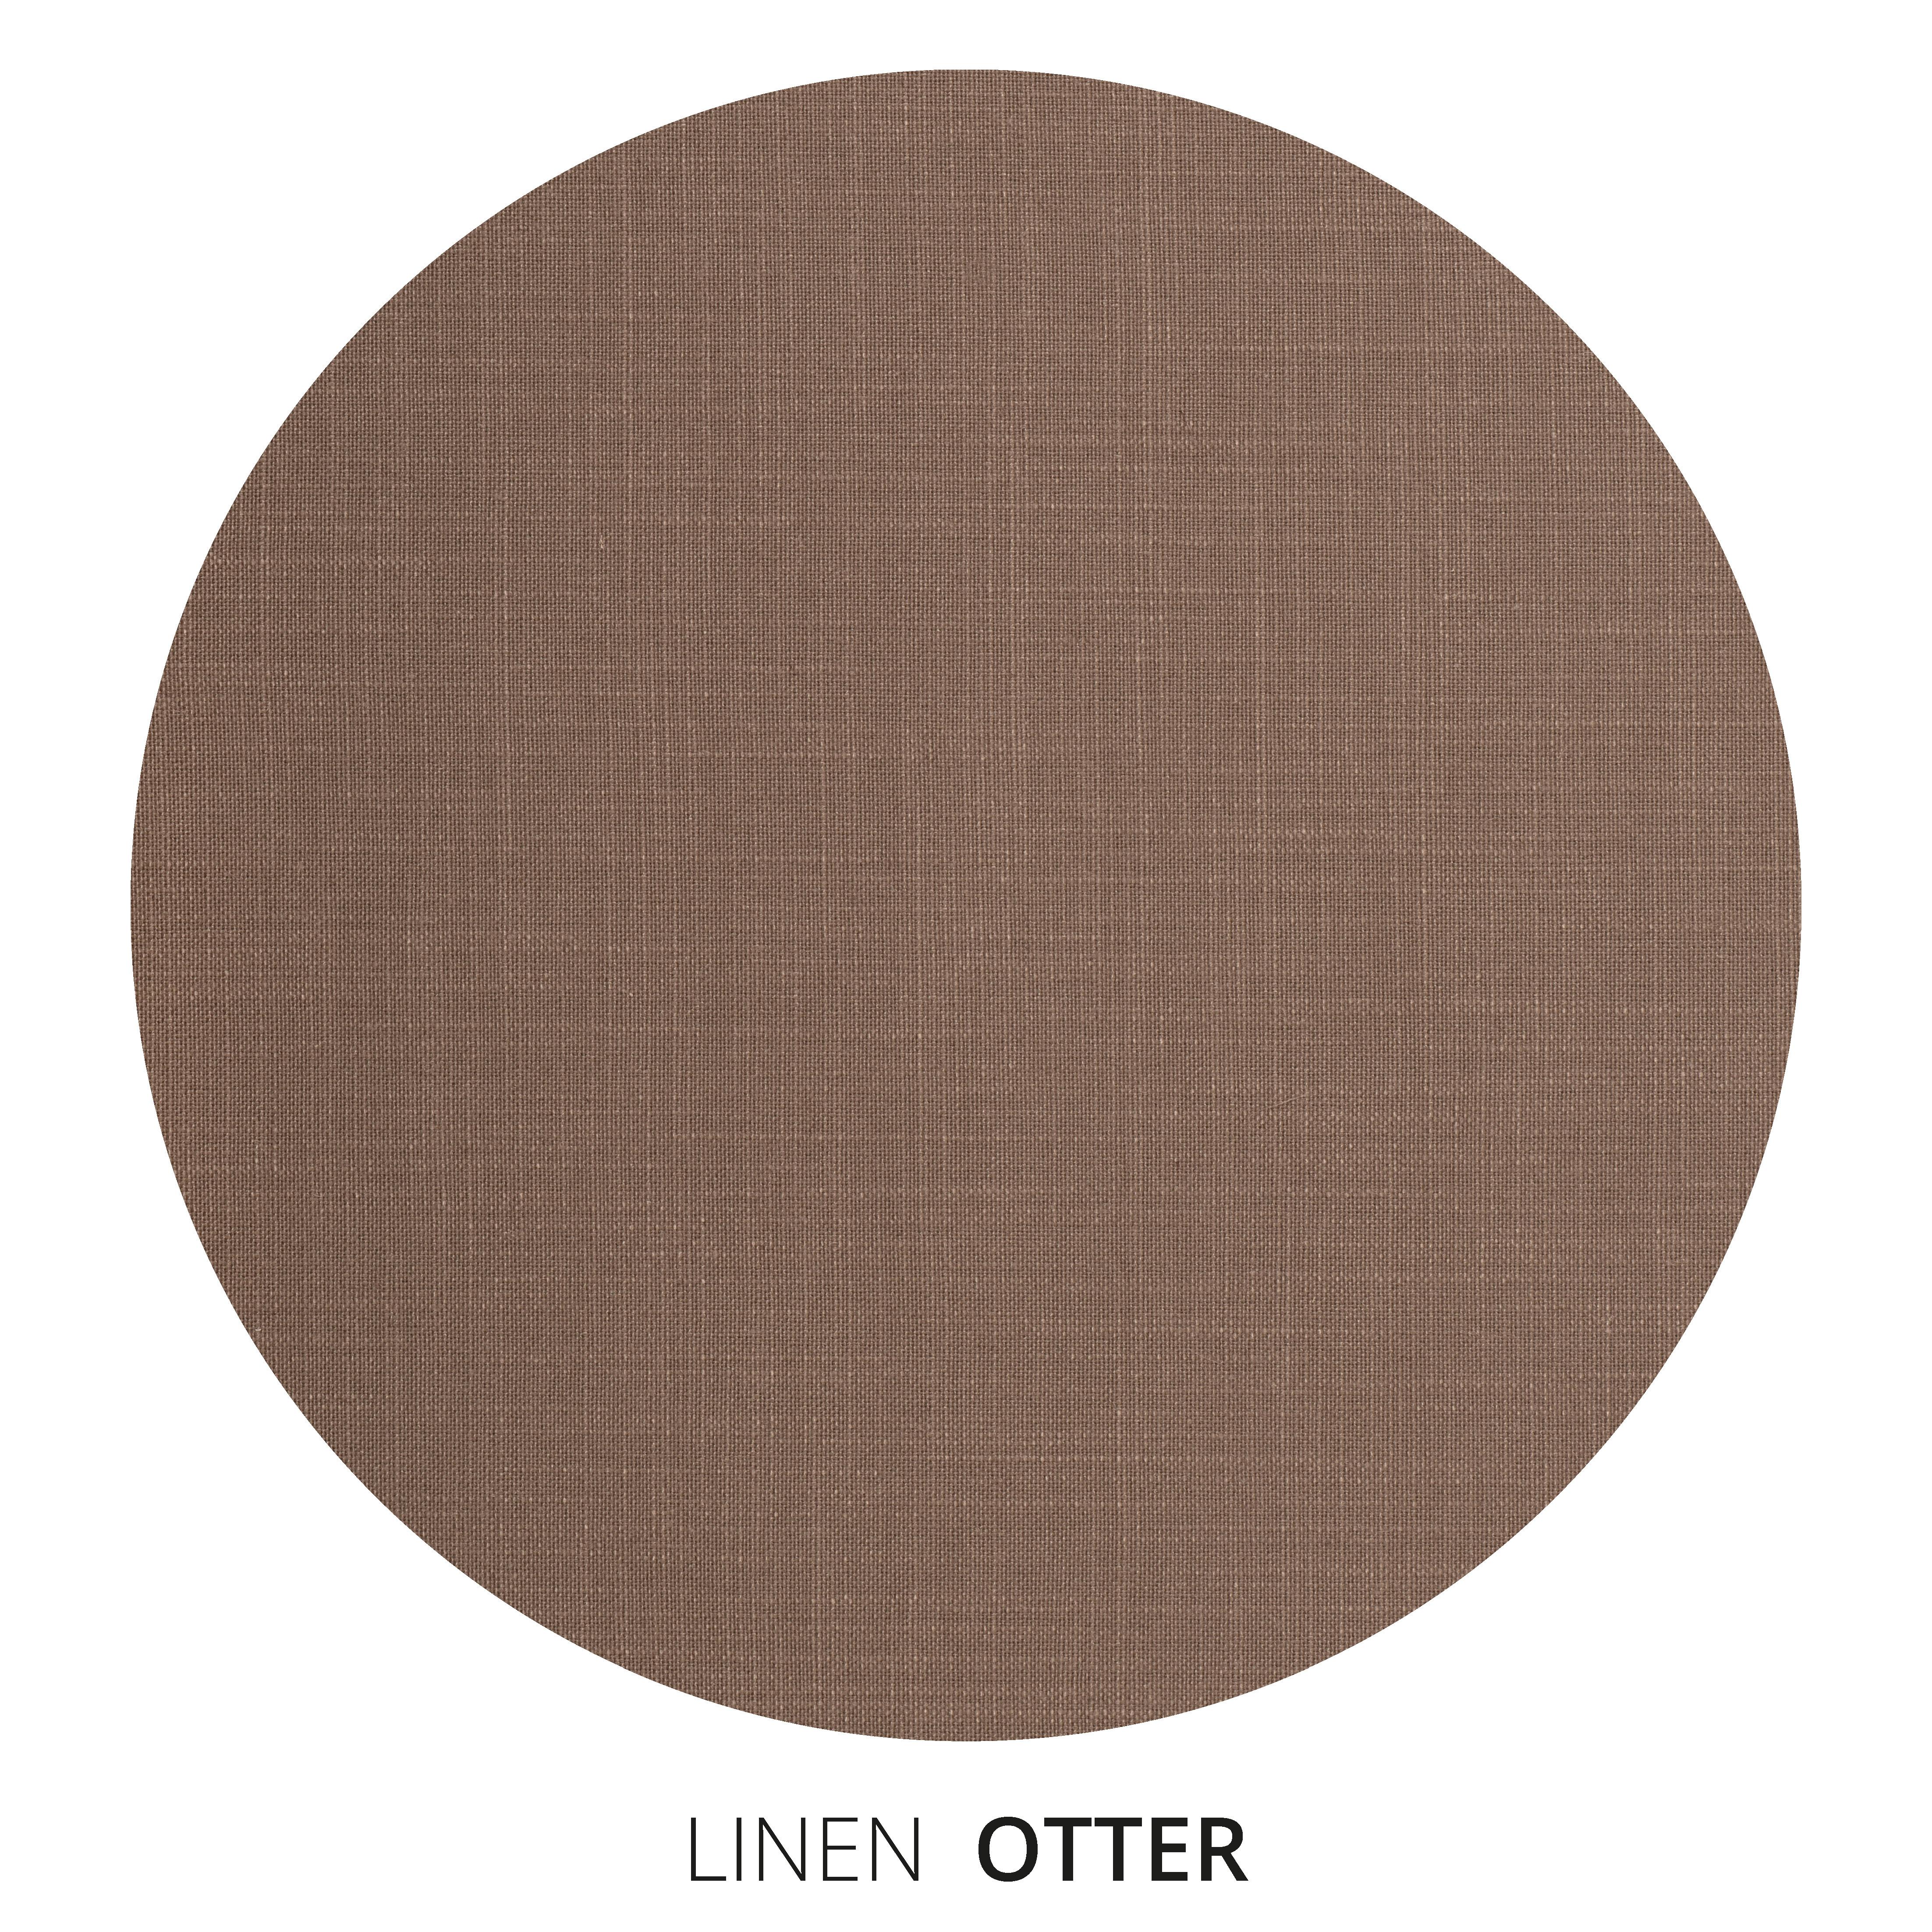 Otter Linen Swatch